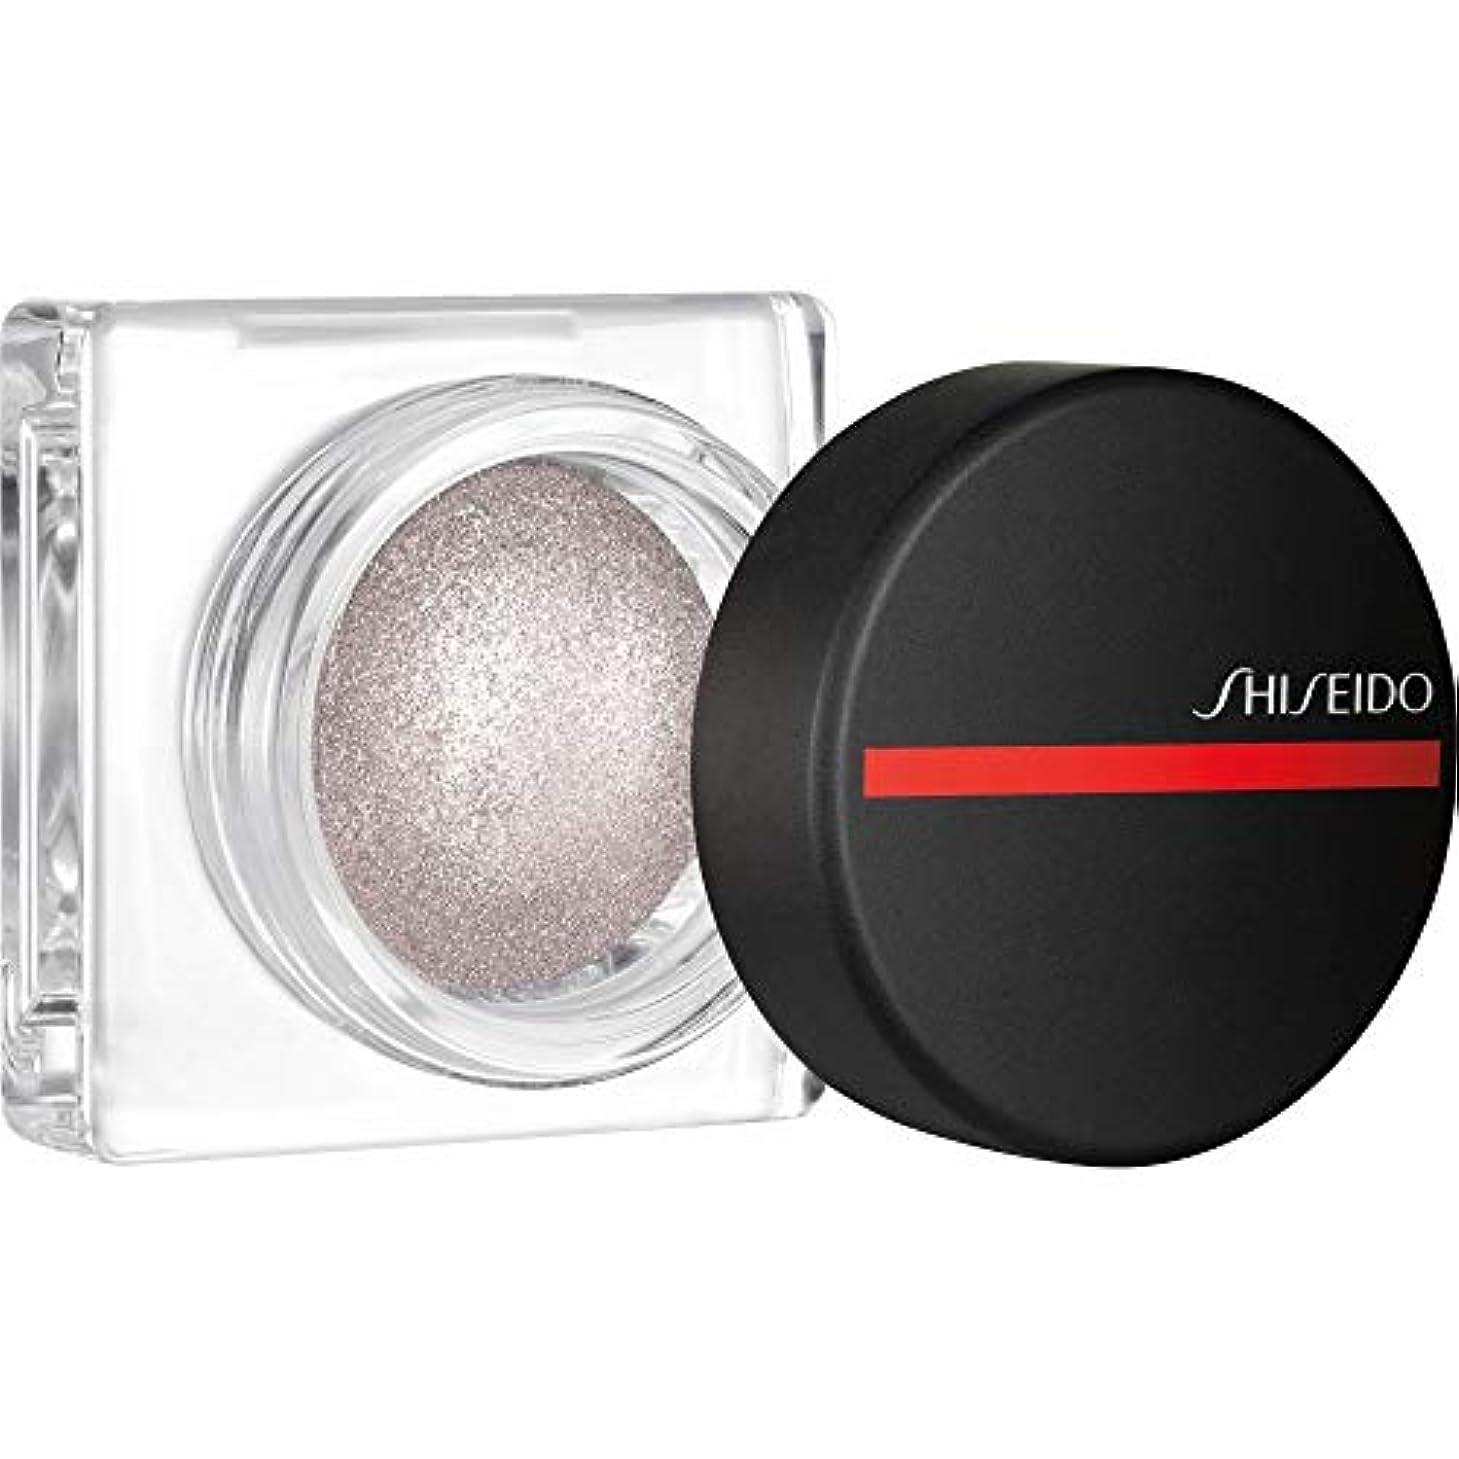 従う洞窟スパイラル[Shiseido] 資生堂のオーラ露の4.8グラム01 - 月面 - Shiseido Aura Dew 4.8g 01 - Lunar [並行輸入品]